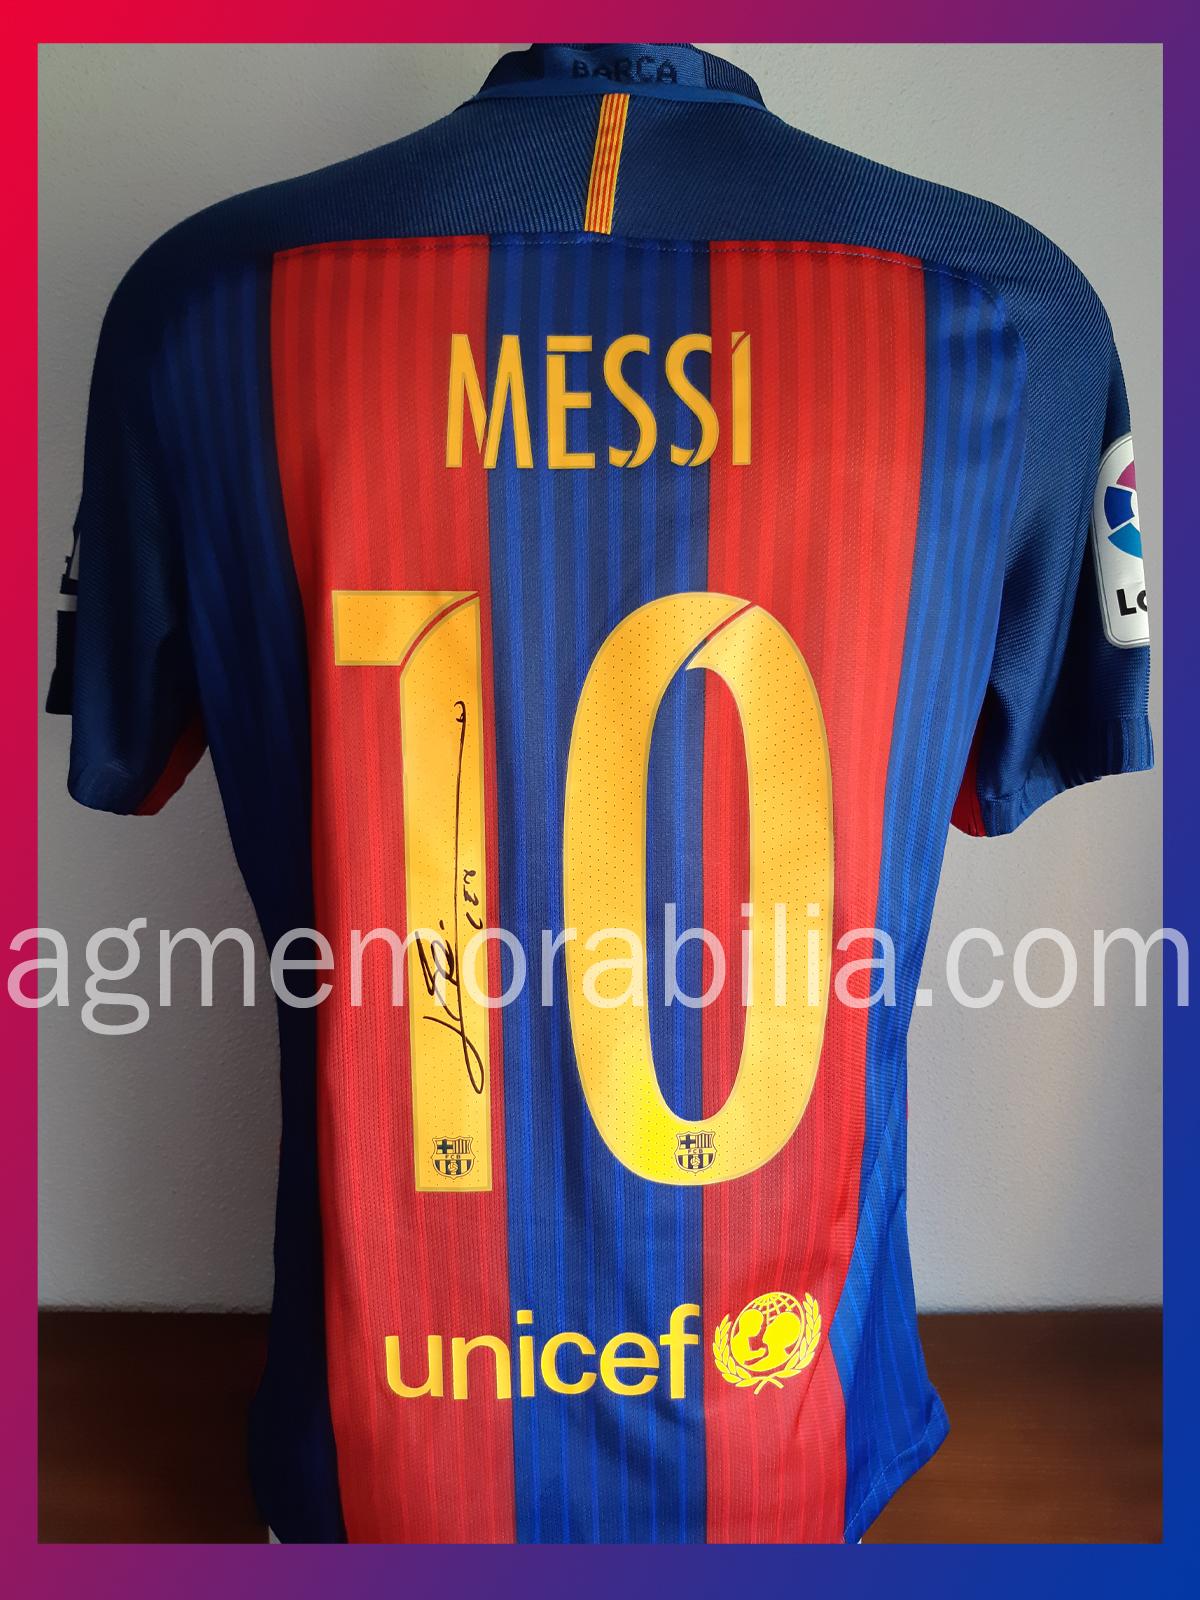 Muy satisfechos de haber podido certificar este bonito autógrafo de Leo  Messi en una camiseta del 10 del Barça y conseguido en la ciudad condal  poco antes ... c6293fc162869